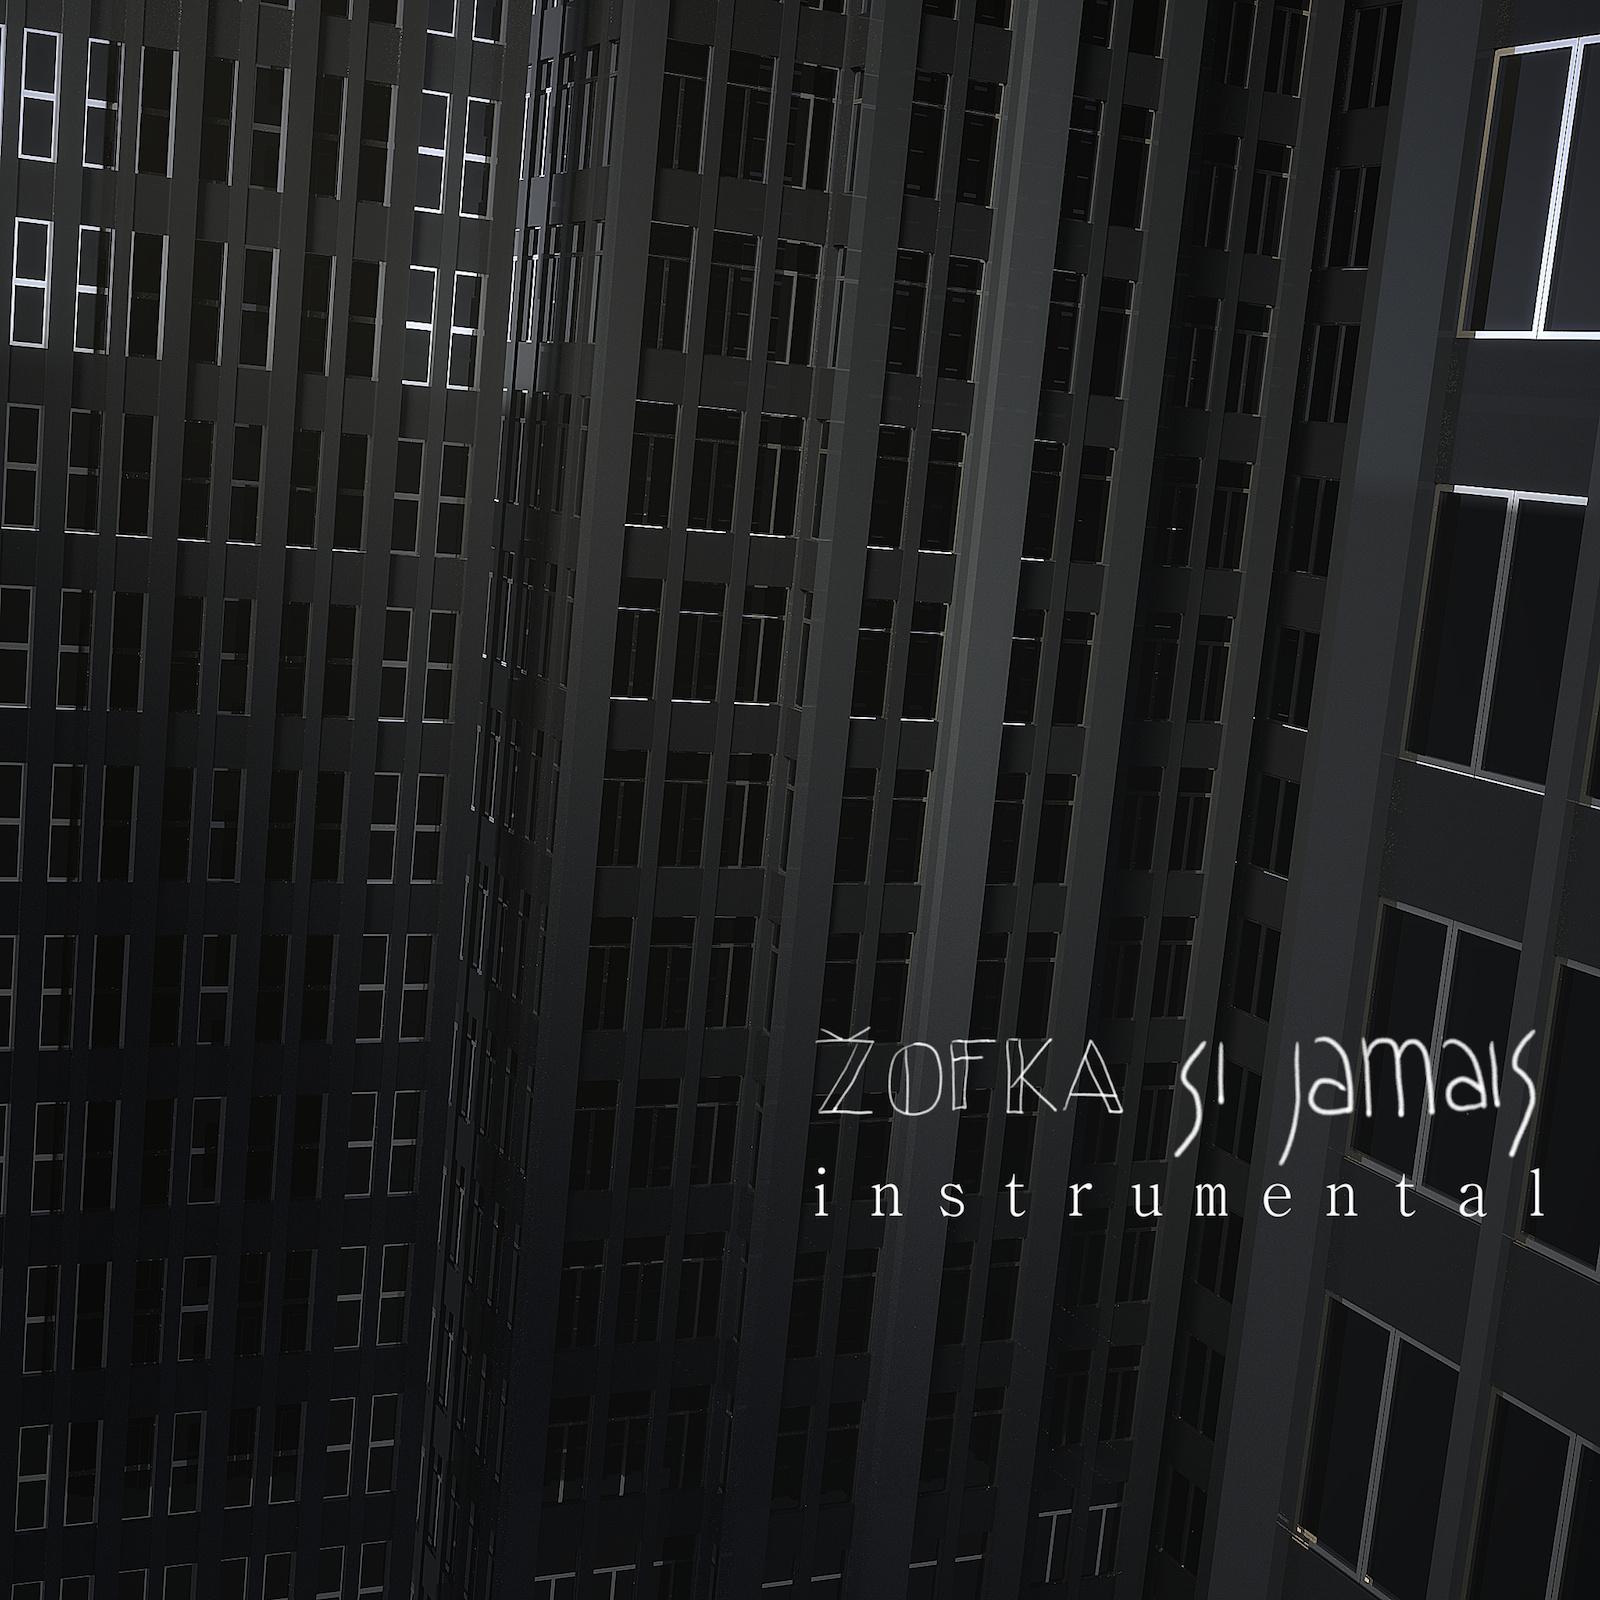 Žofka Copy